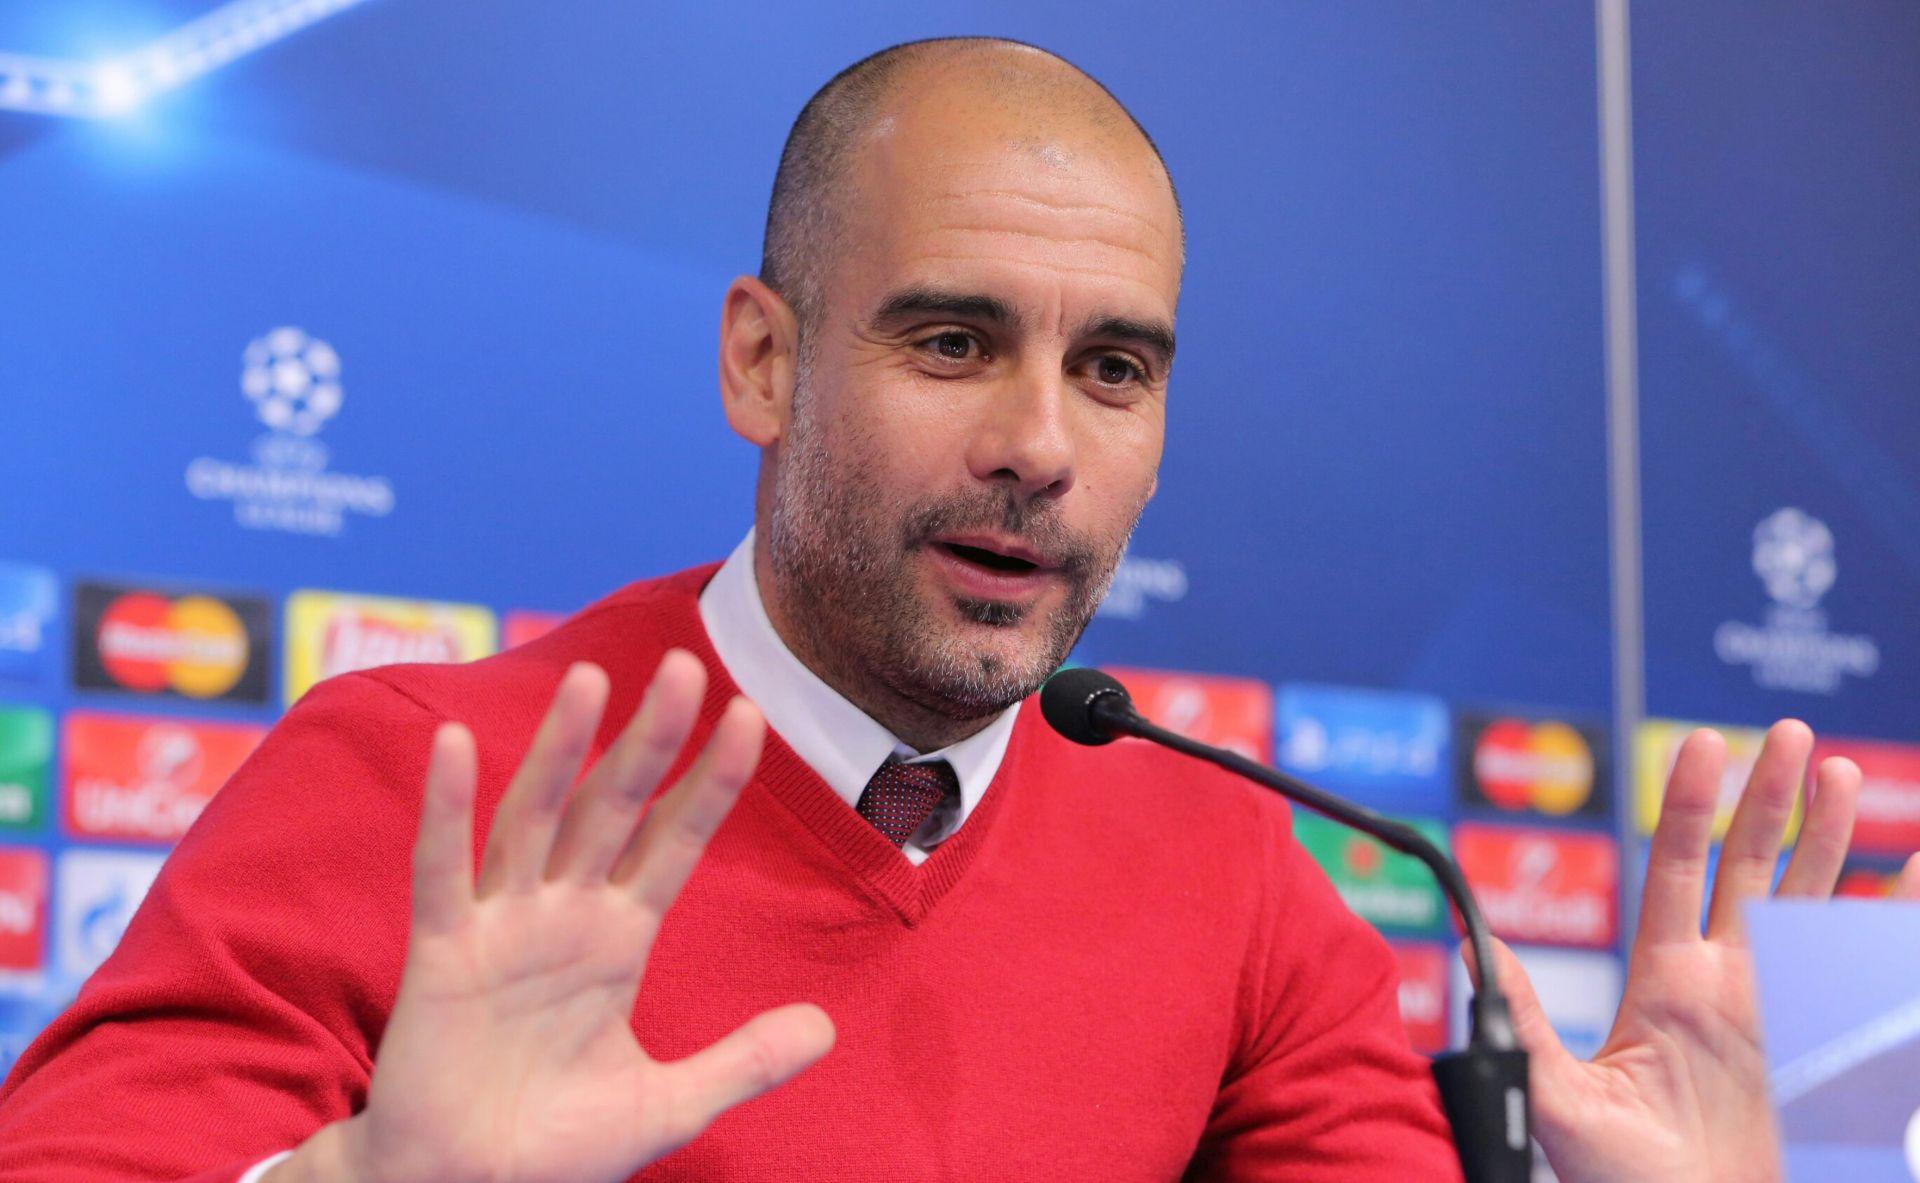 AKO PRIHVATI PONUDU: Pep Guardiola postaje najbolje plaćeni trener na svijetu